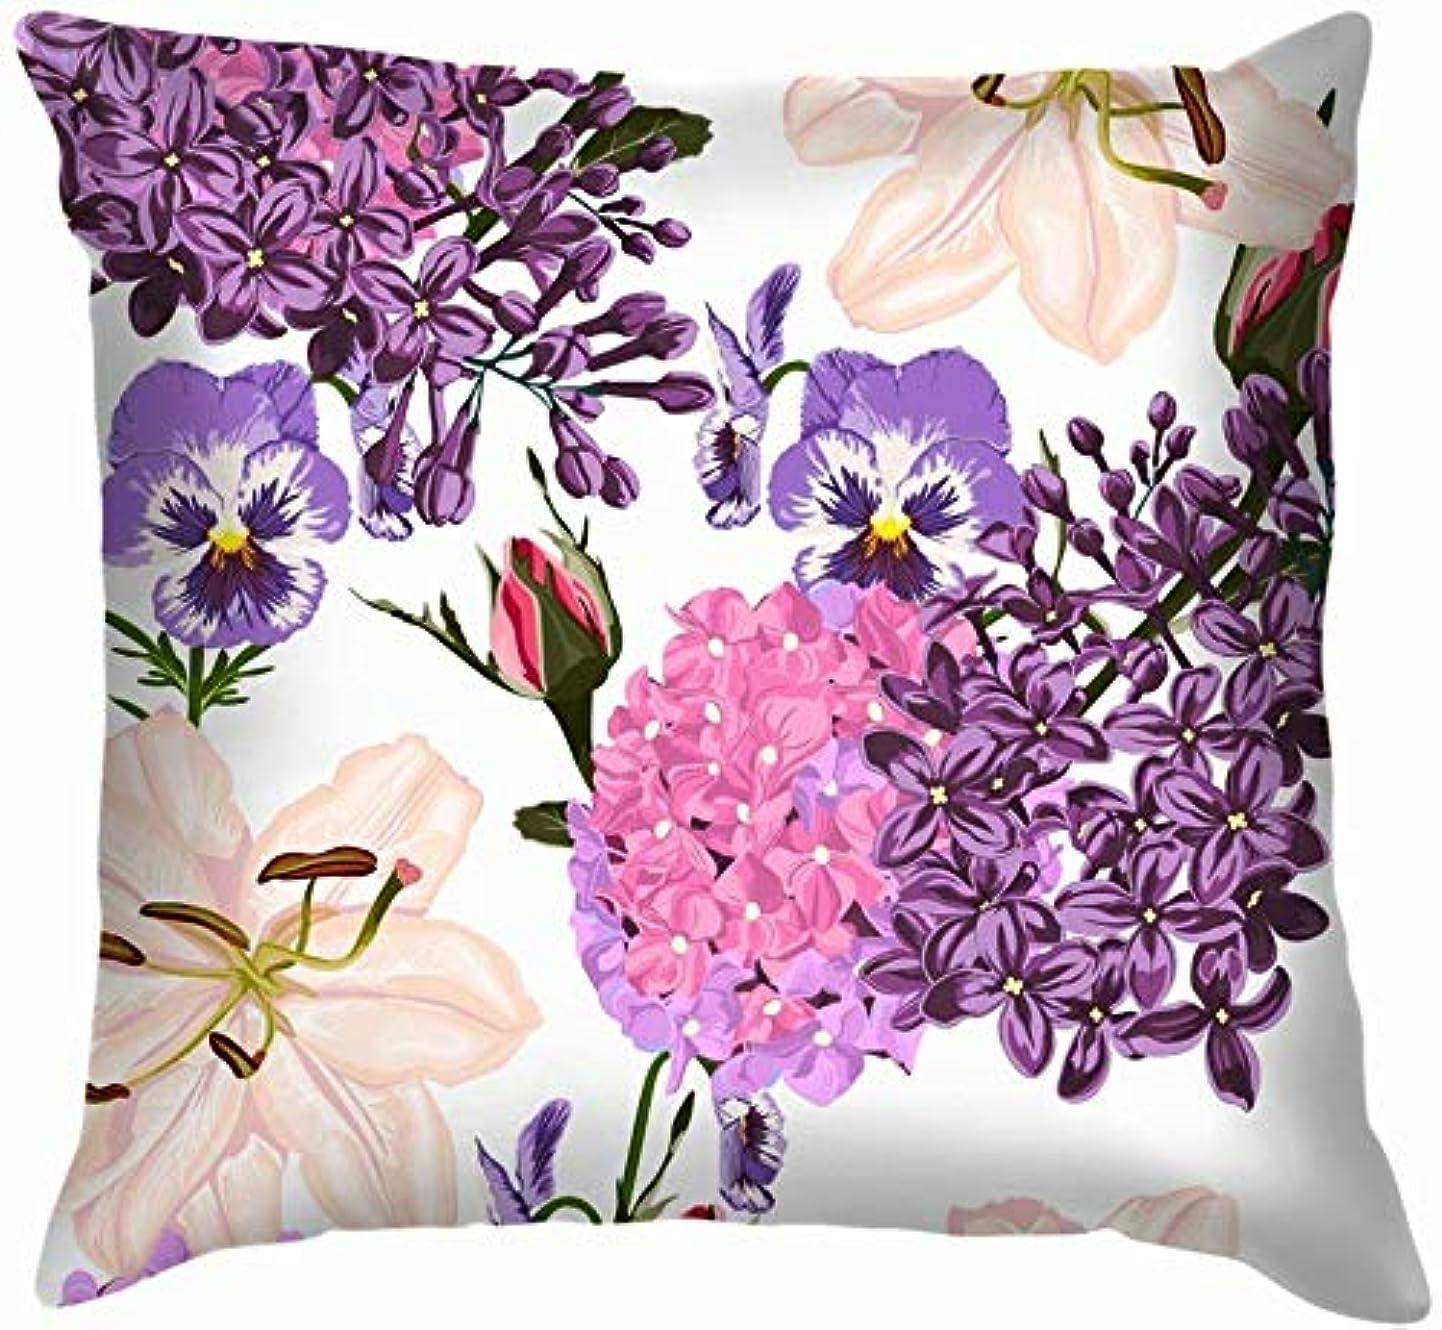 クリエイティブお父さん理解花の水彩風スロー枕カバーホームソファクッションカバー枕カバーギフト45x45 cm